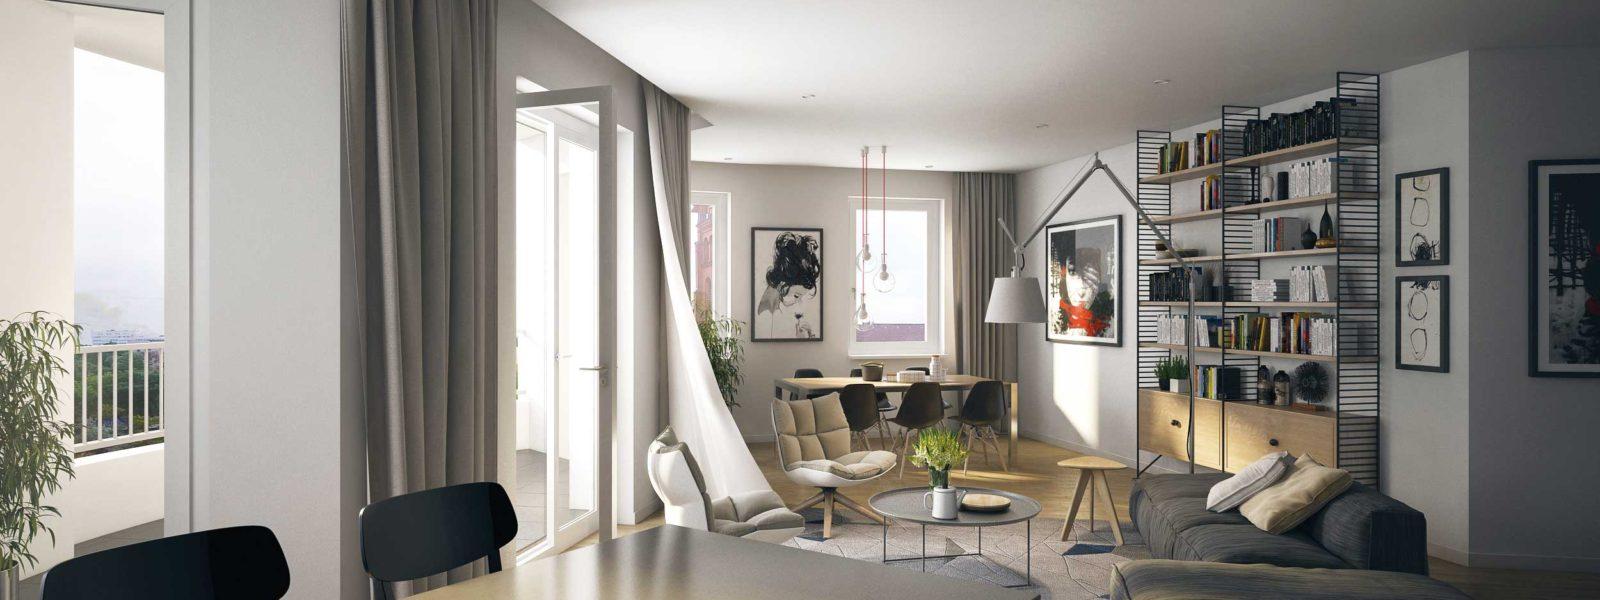 柏林伏尔泰公寓